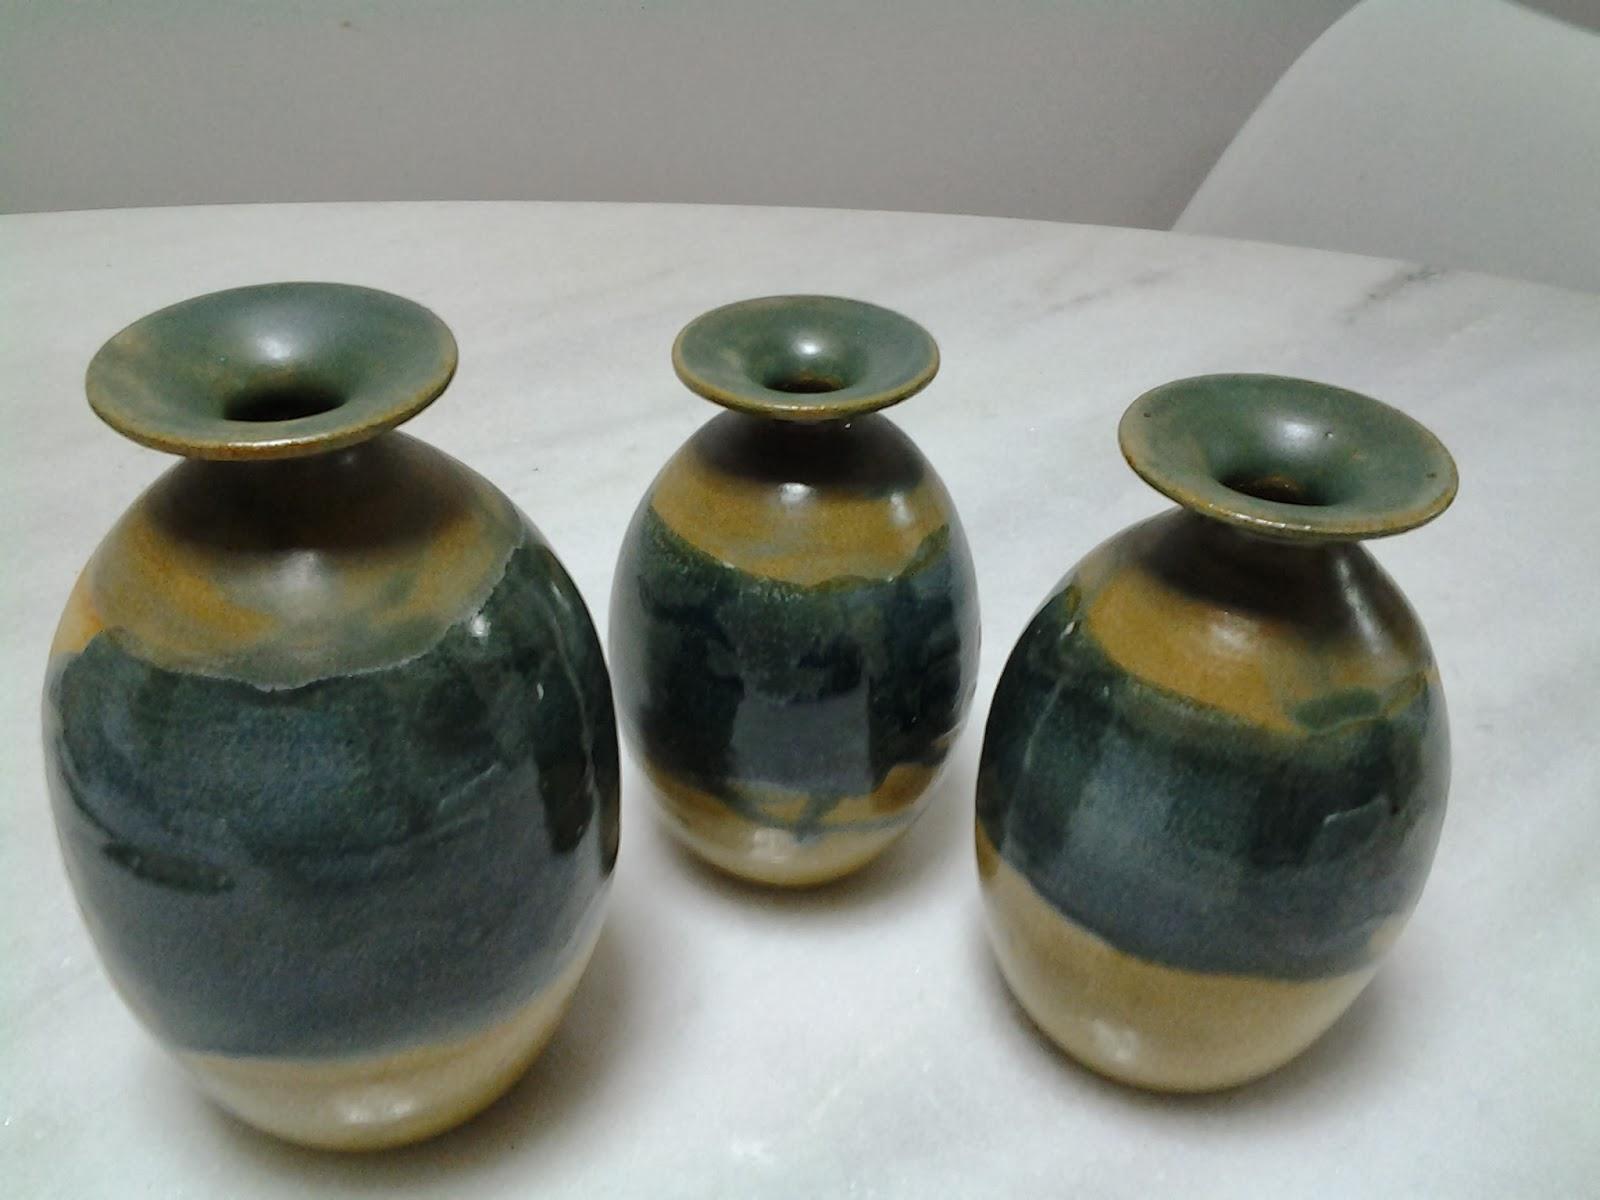 Artevida pe as de cer mica artesanal for Materiales para ceramica artesanal